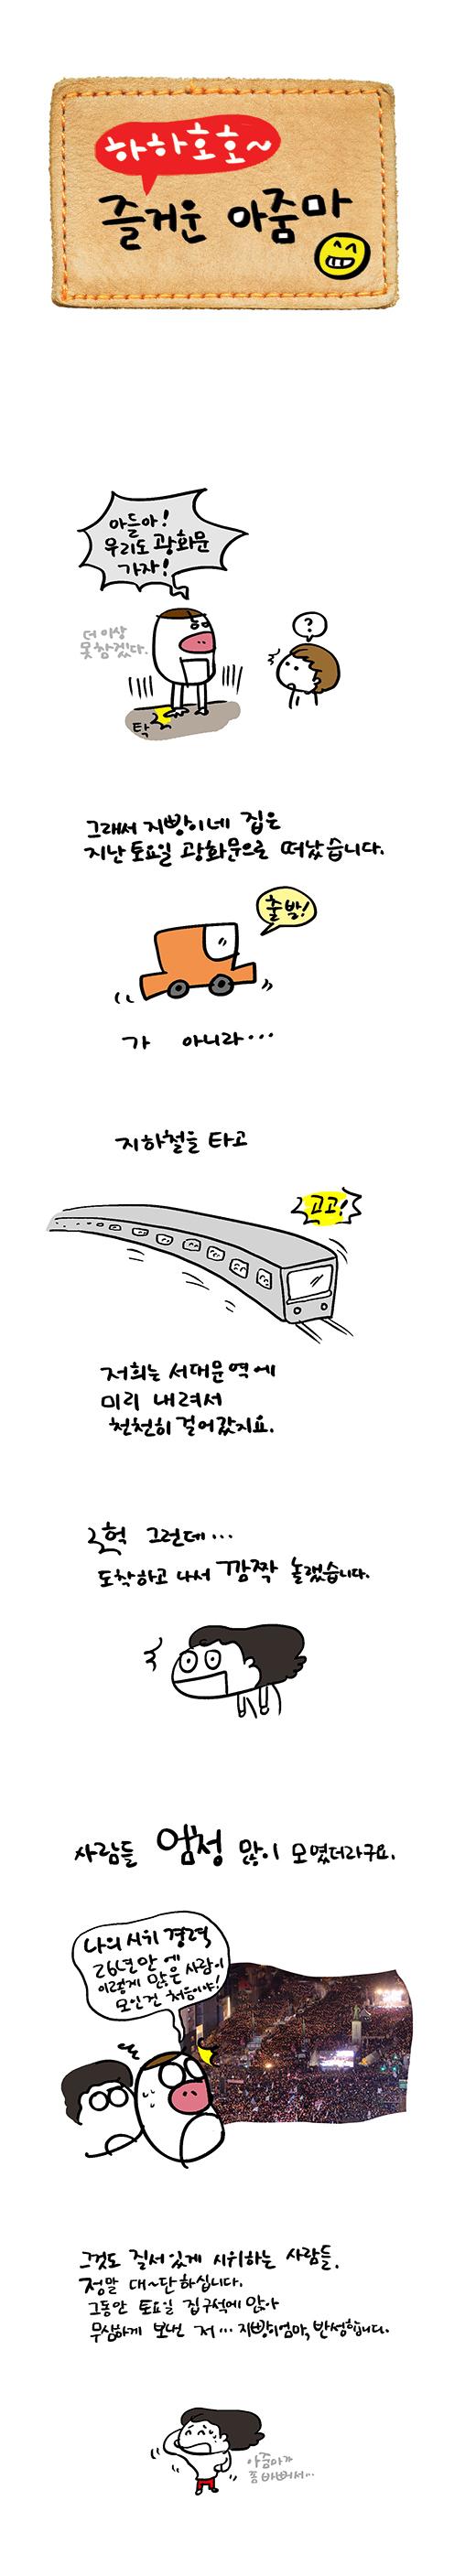 촛불집회광화문박근혜하야탄핵1.jpg